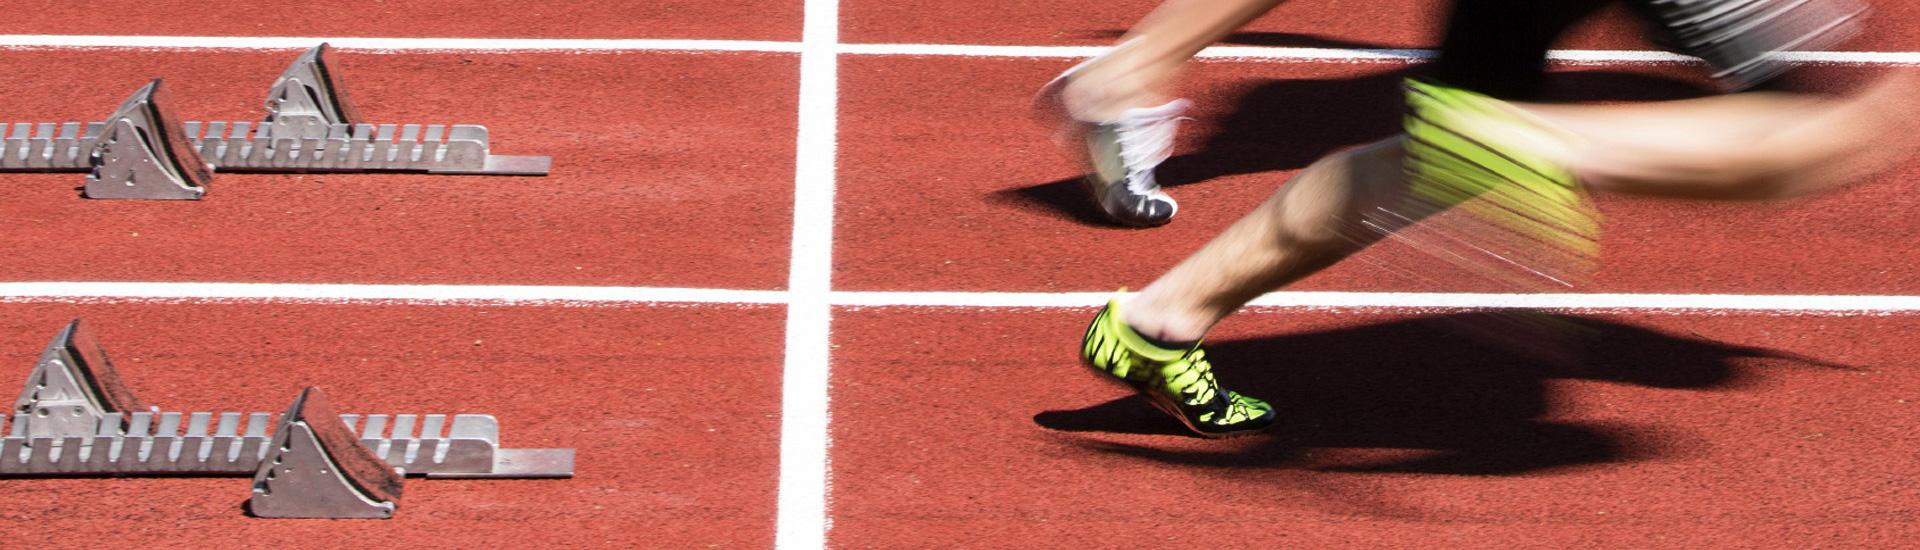 Medicina dello sport treviso fisiofit - Palestra casale sul sile ...